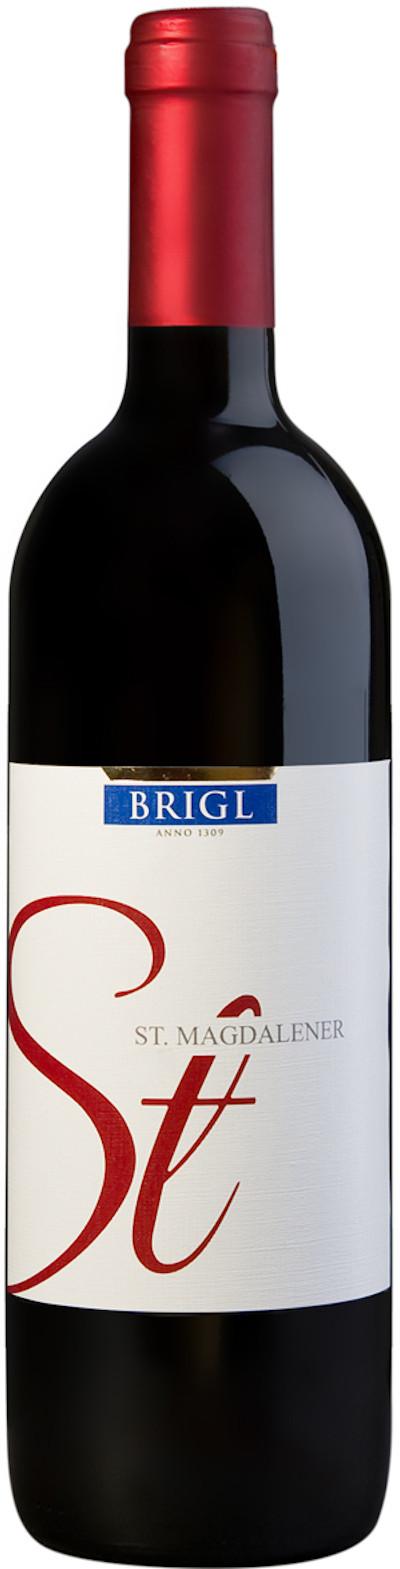 Brigl - St. Magdalener DOP